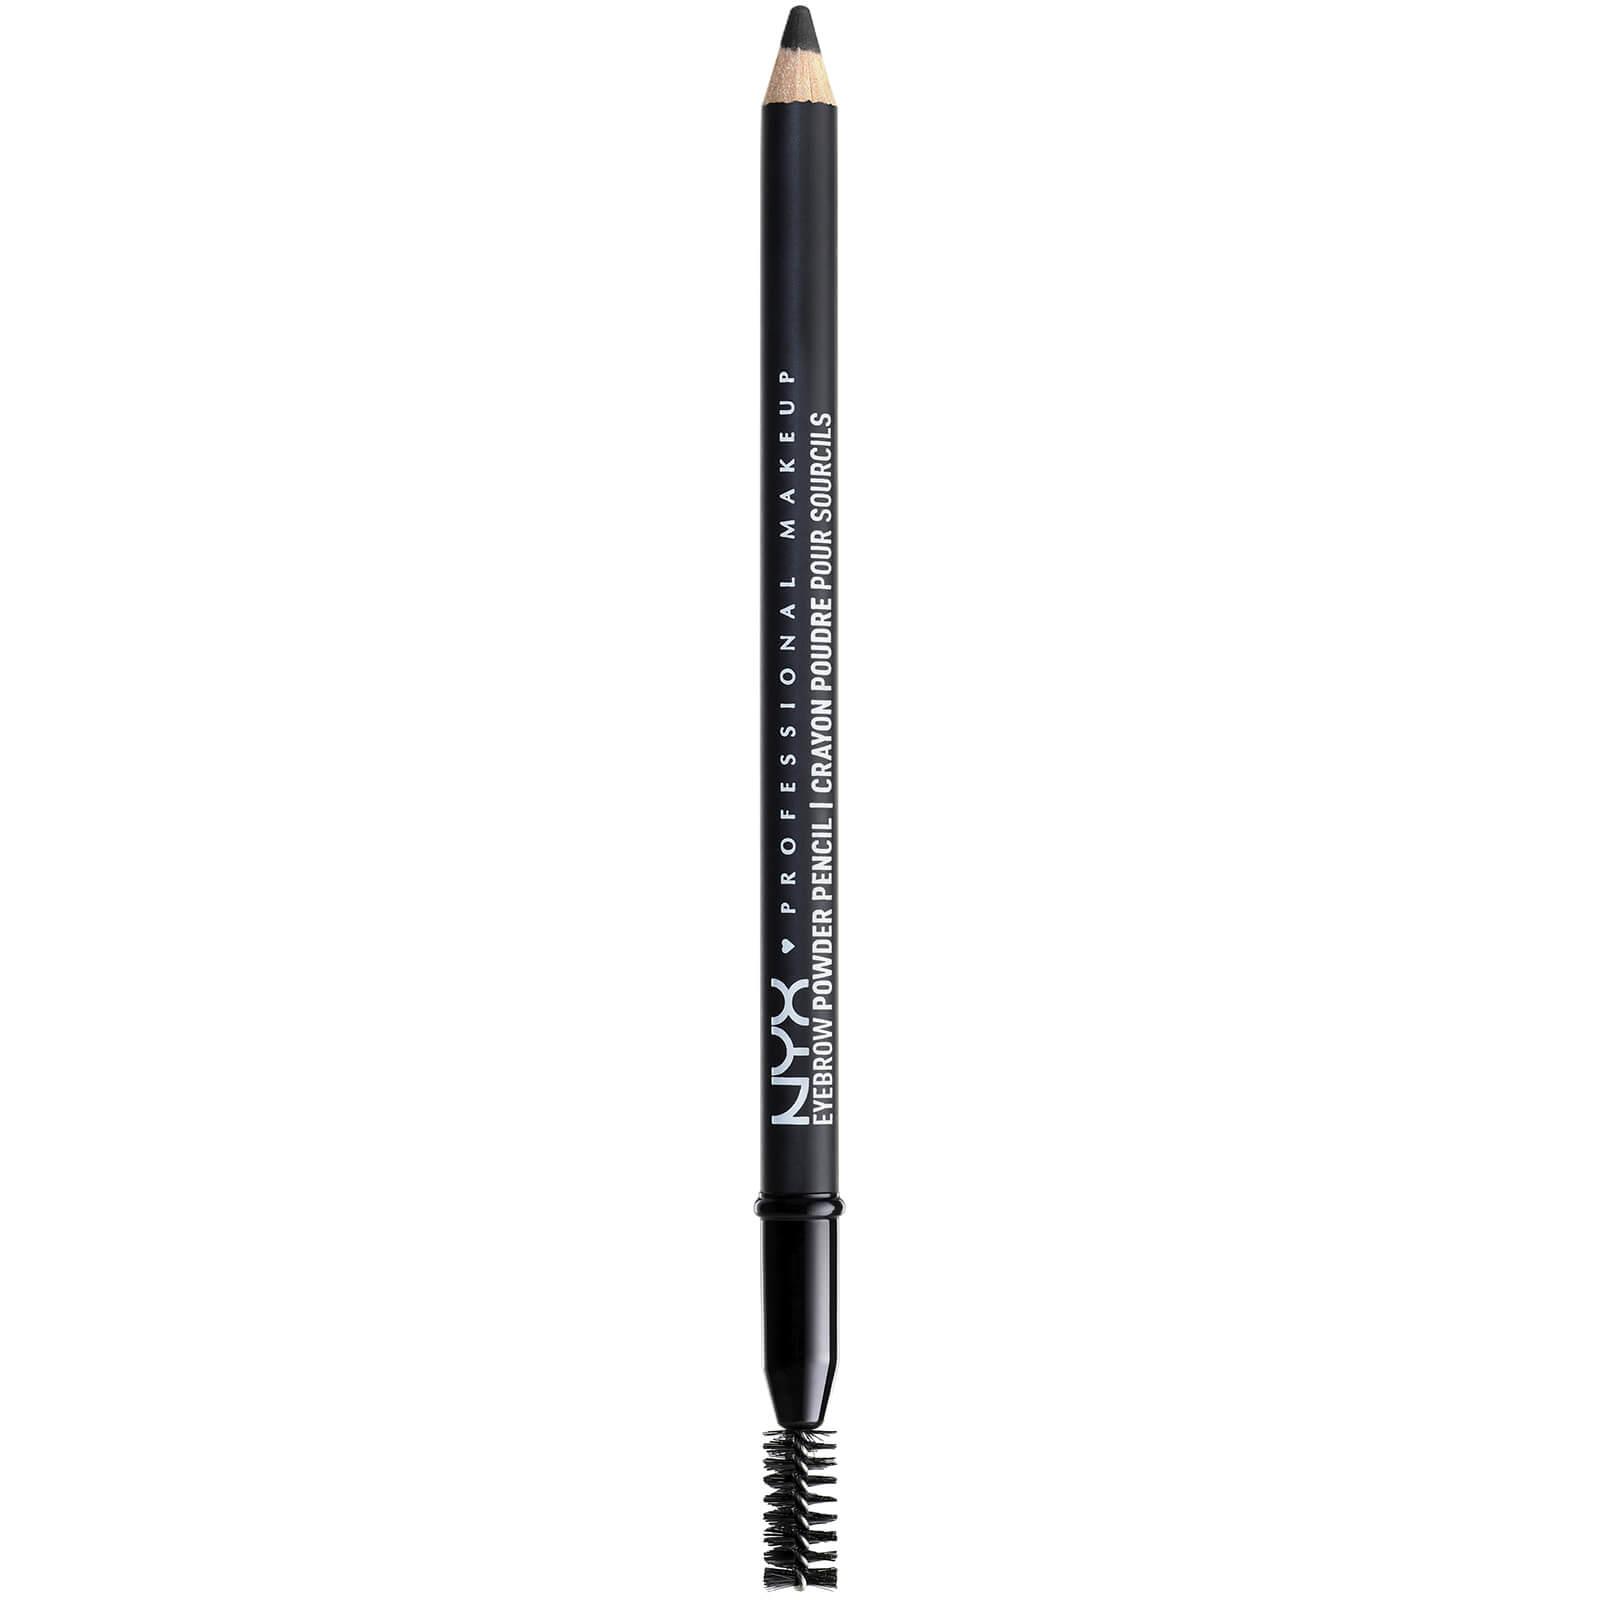 Купить Пудровый карандаш для бровей NYX Professional Makeup Eyebrow Powder Pencil (различные оттенки) - Black